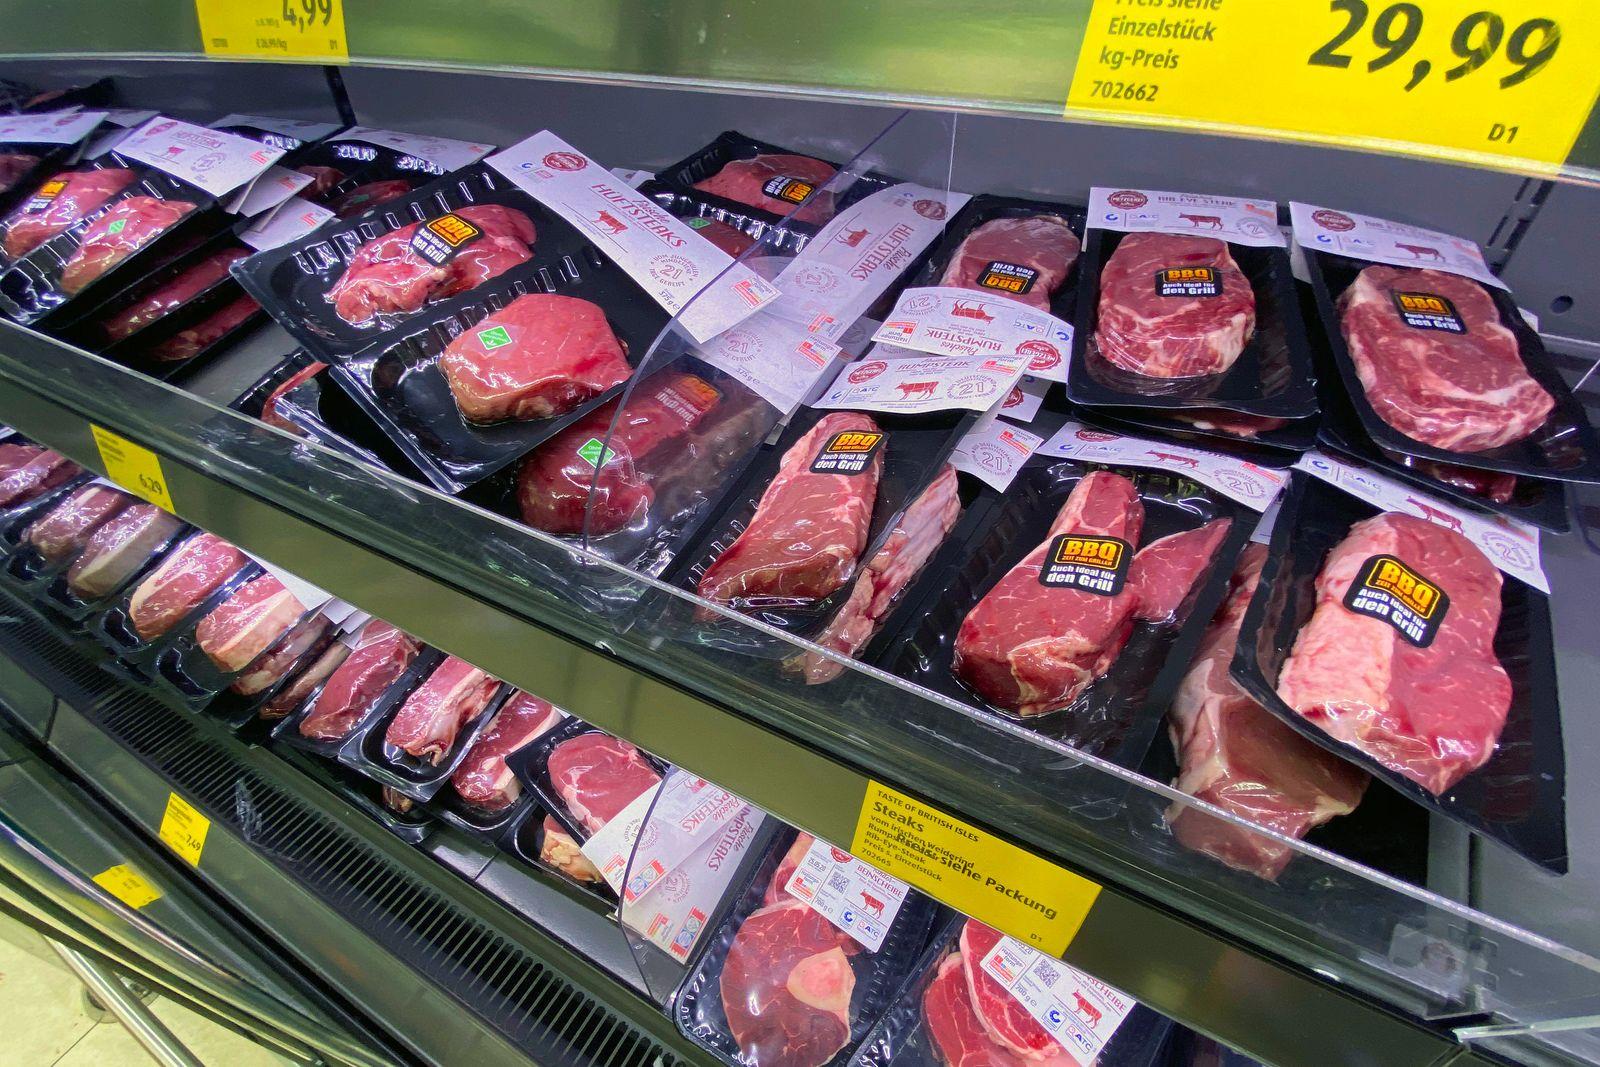 Trotz Missstaenden in der Fleischindustrie- Aldi will die Fleischpreise senken. Blick in ein Kuehlregal mit in Folie ge